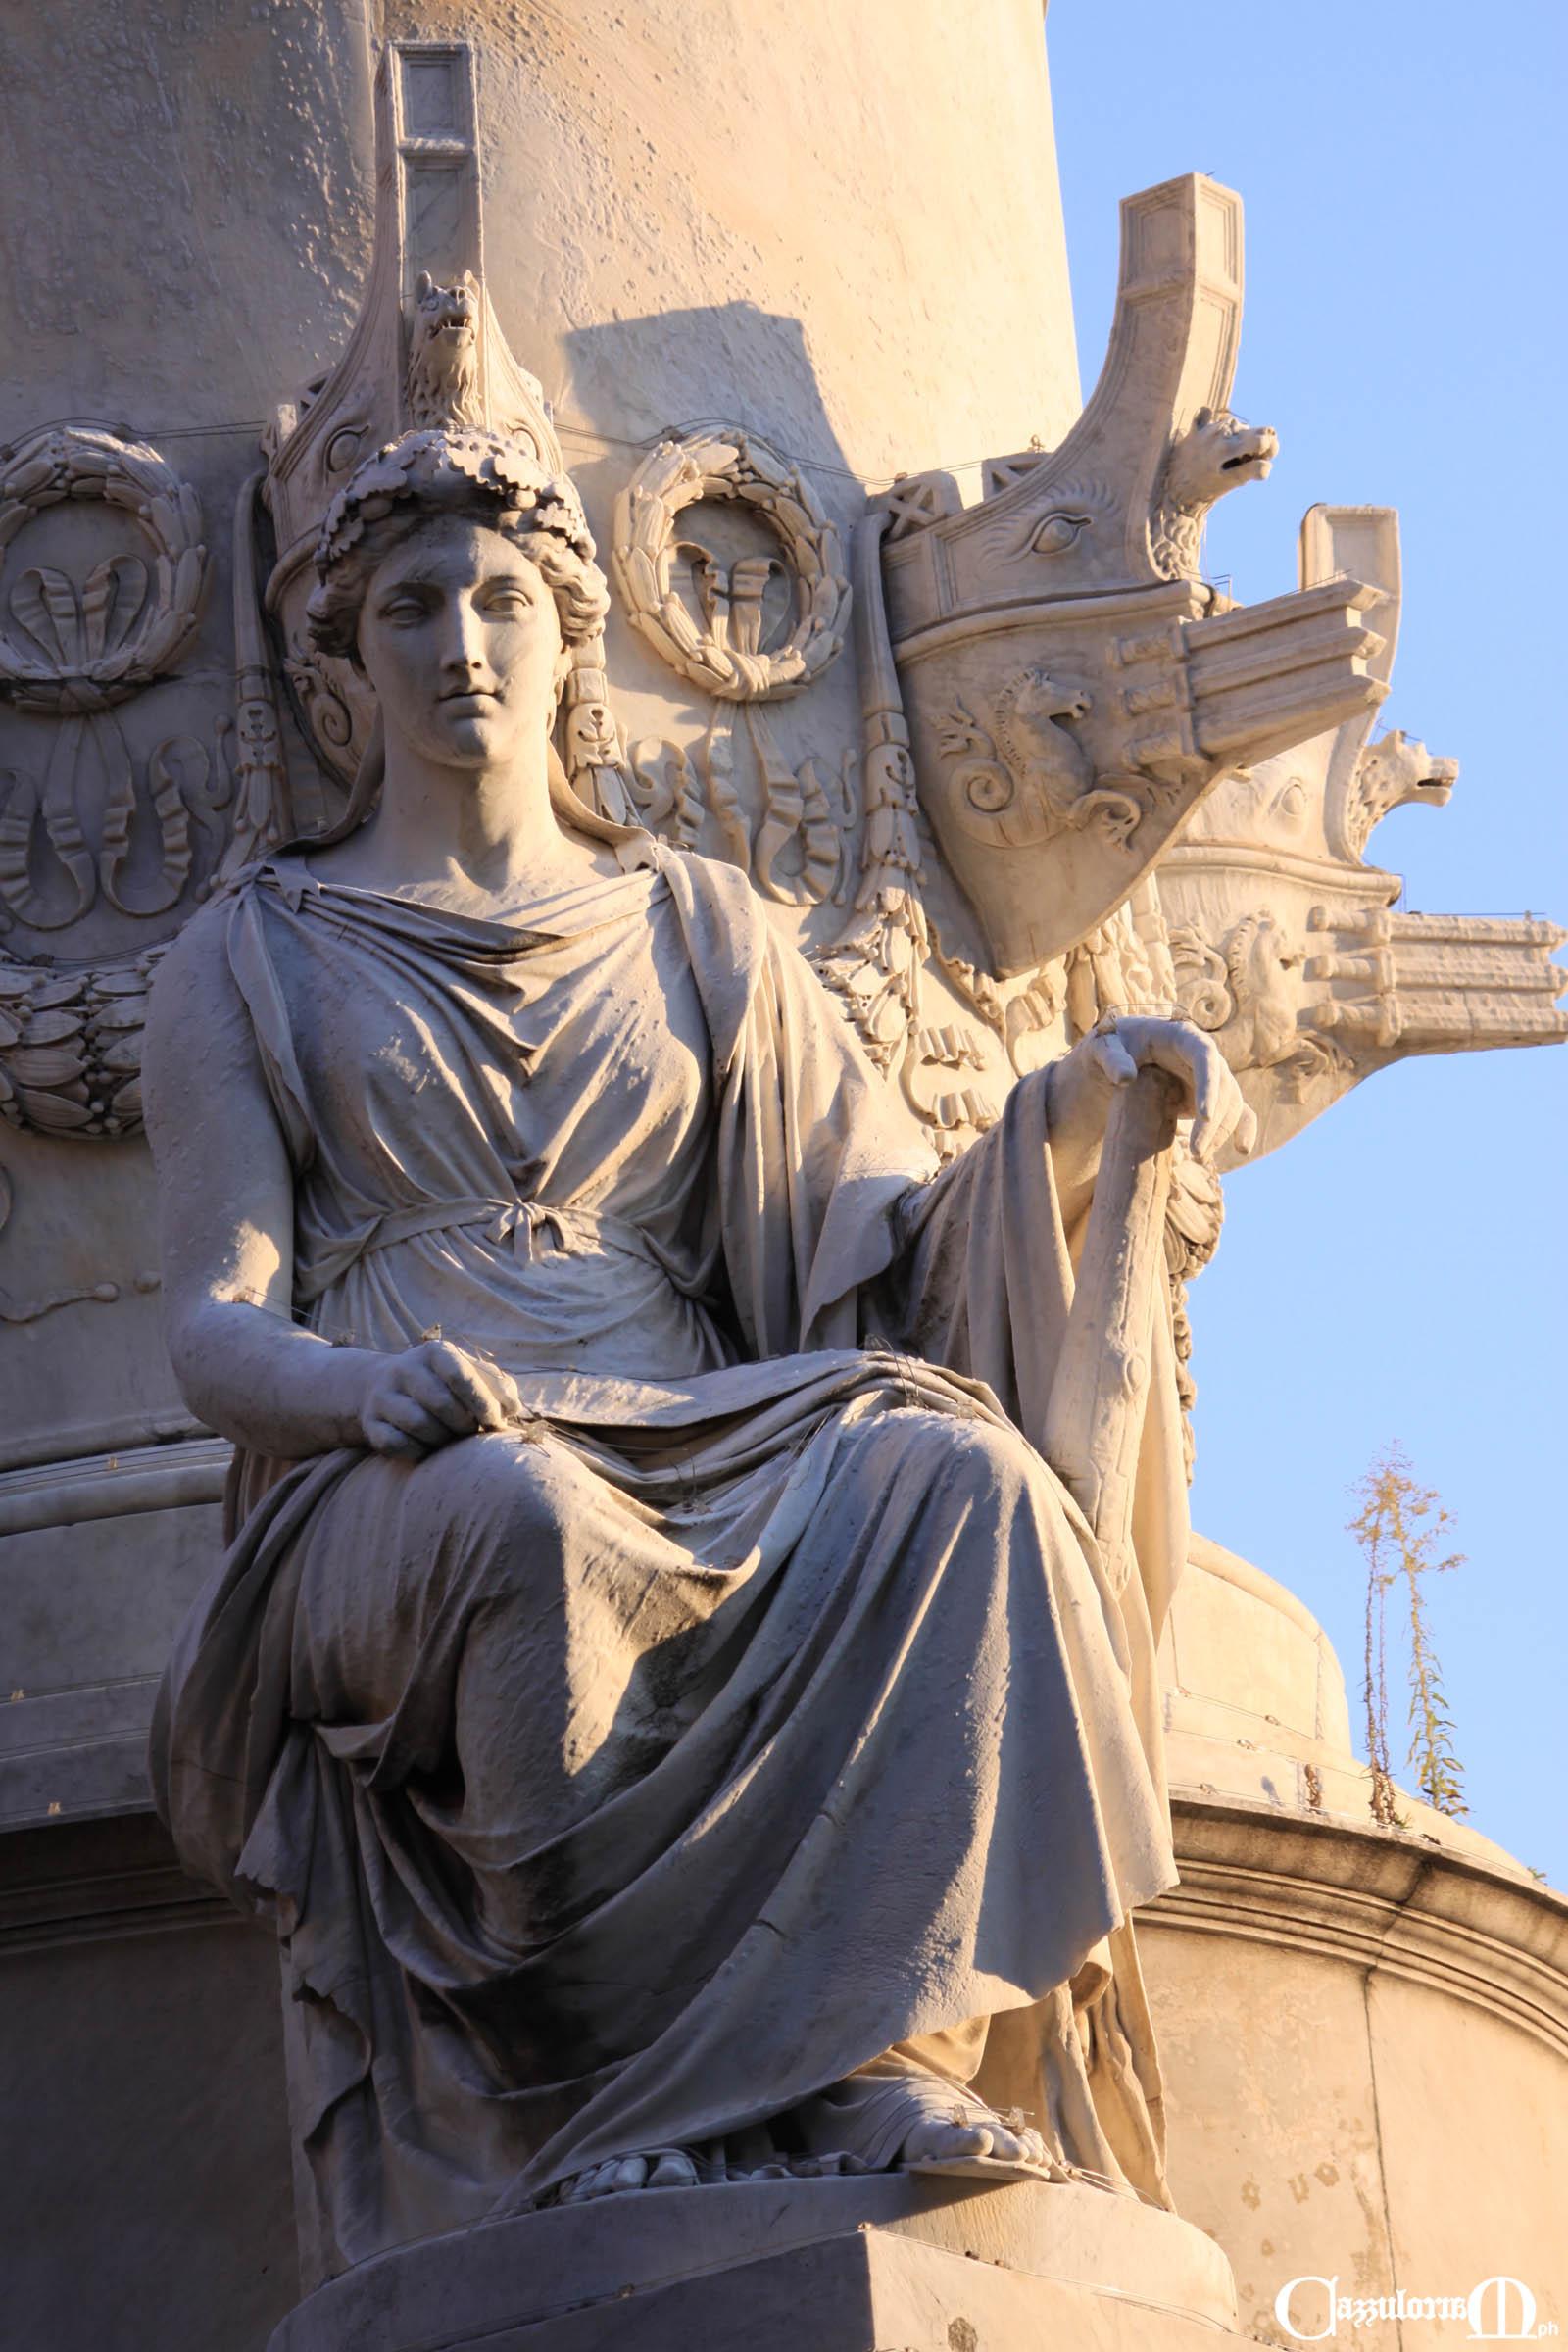 La Forza (Fortezza) con una clava emblema della forza - Opera di Emilio Santarelli